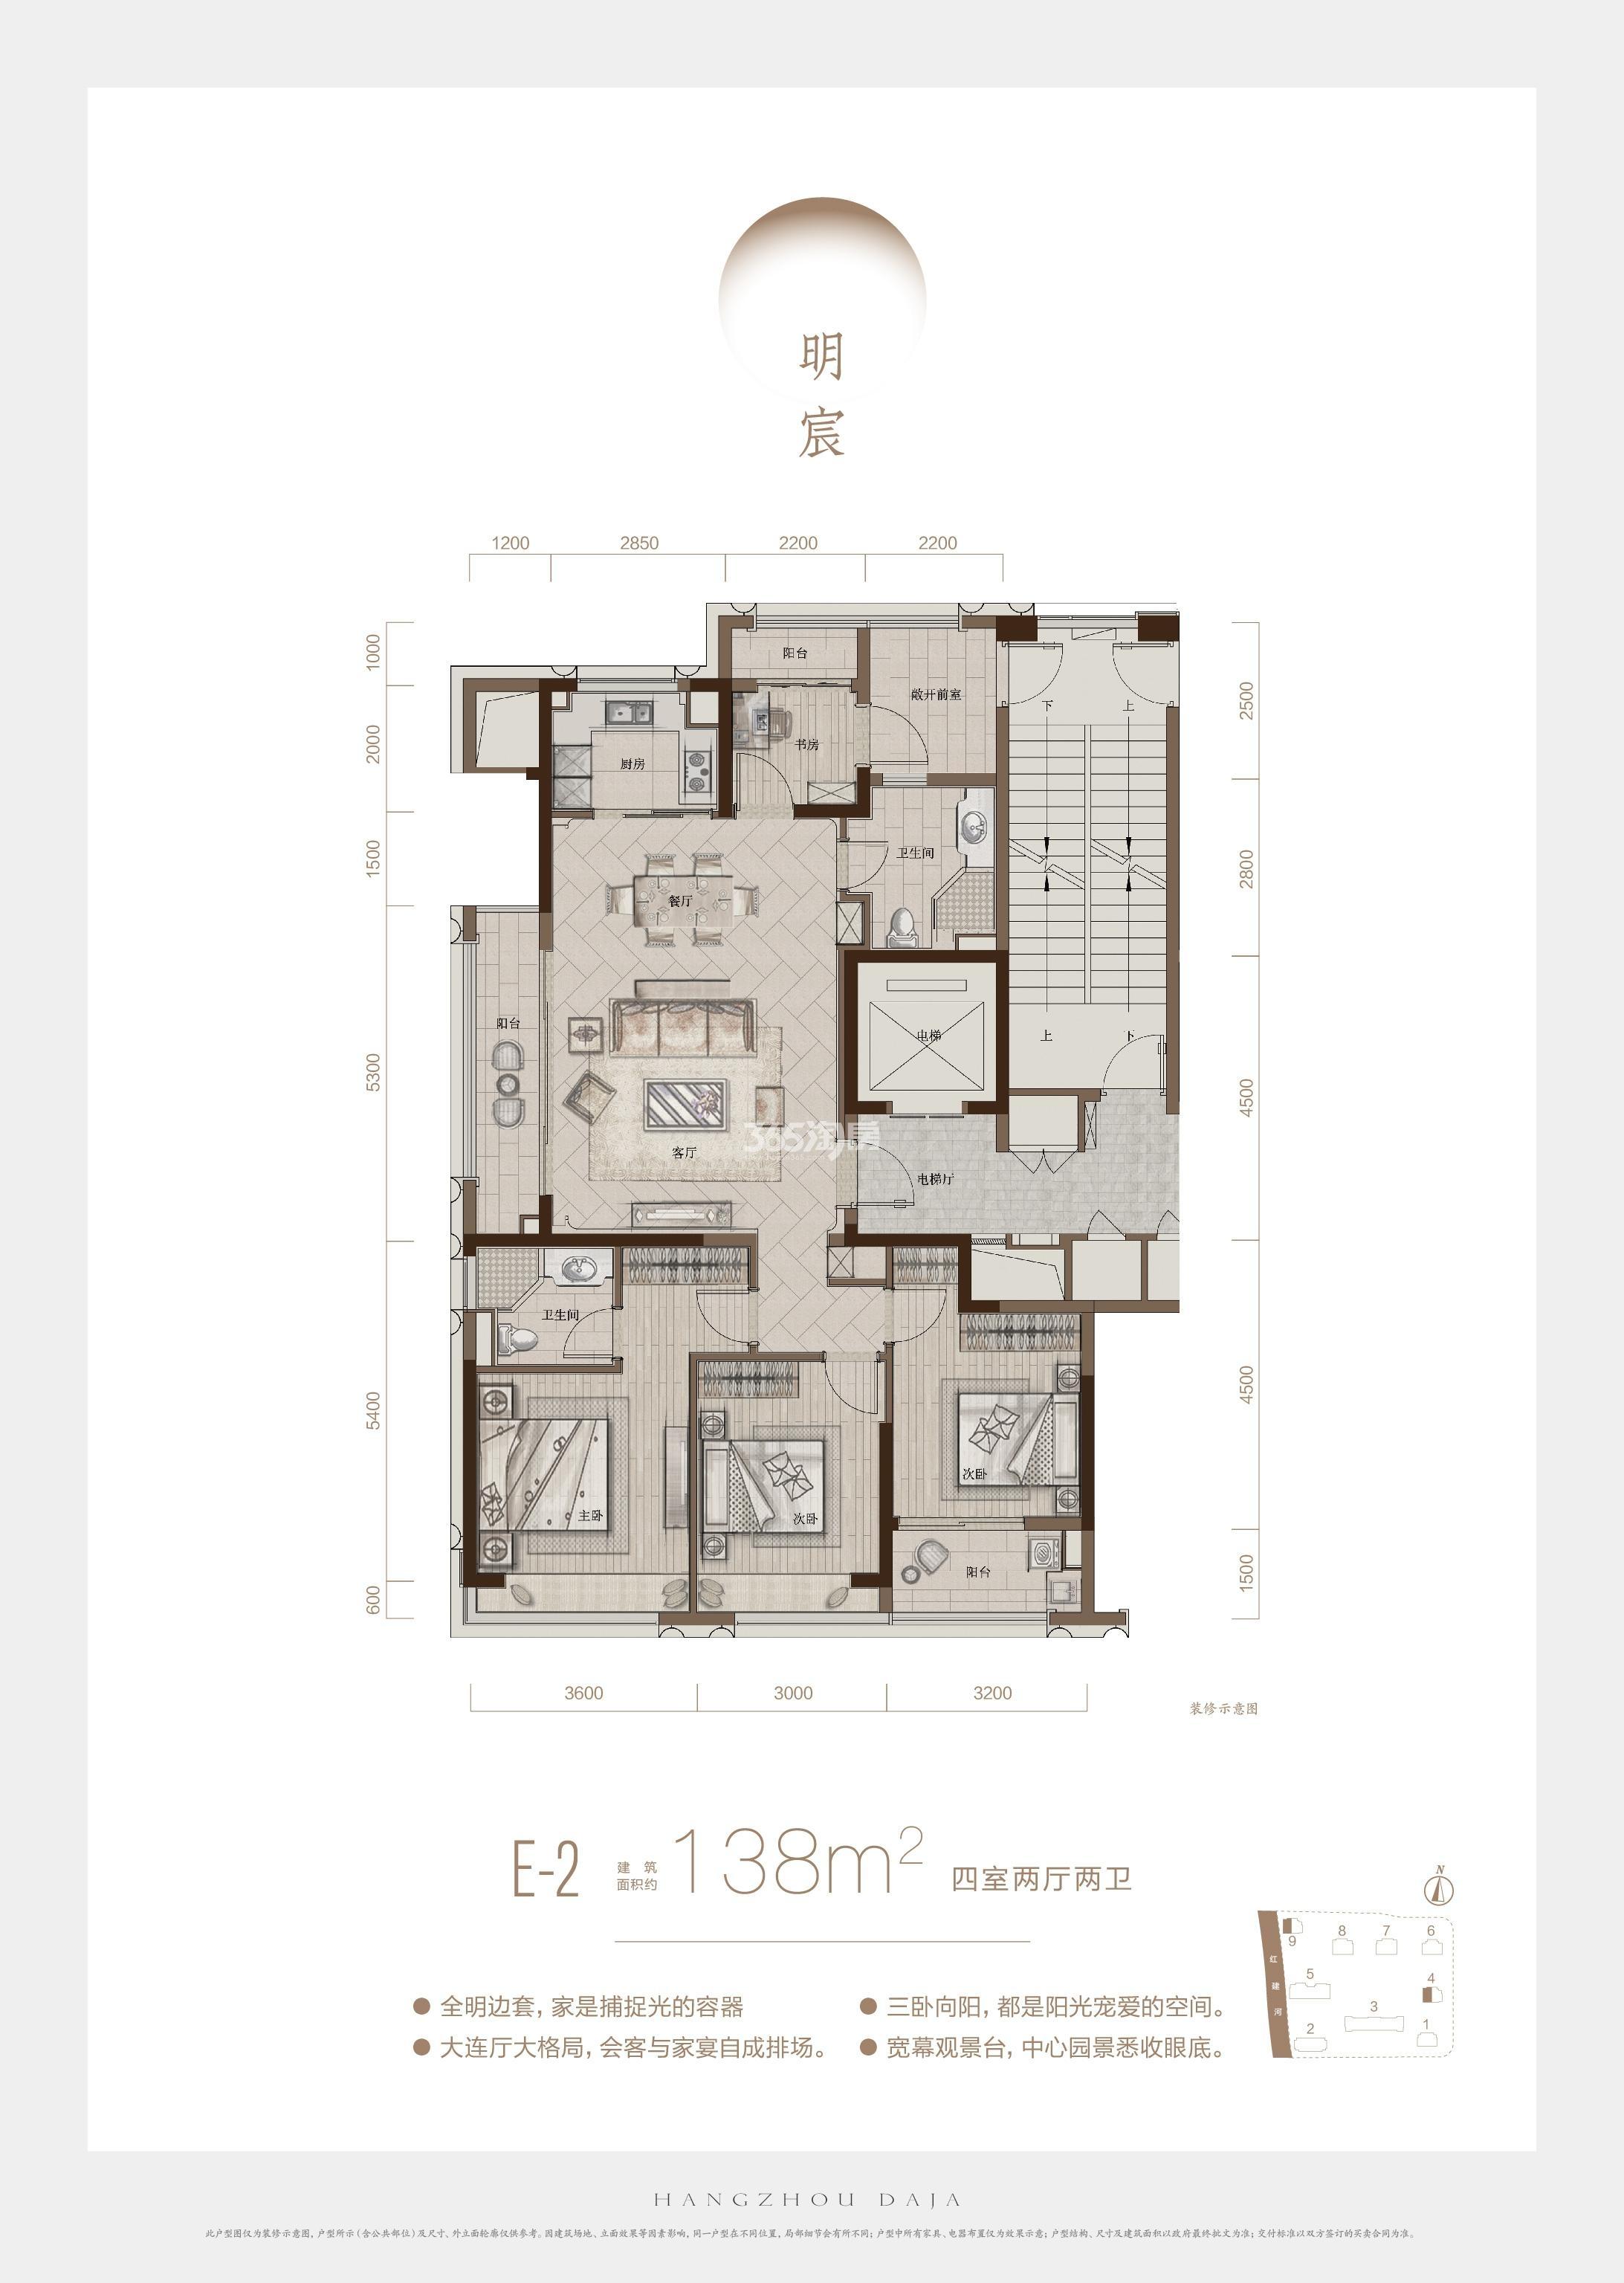 杭州大家高层4、9号楼西边套E-2户型 约138㎡